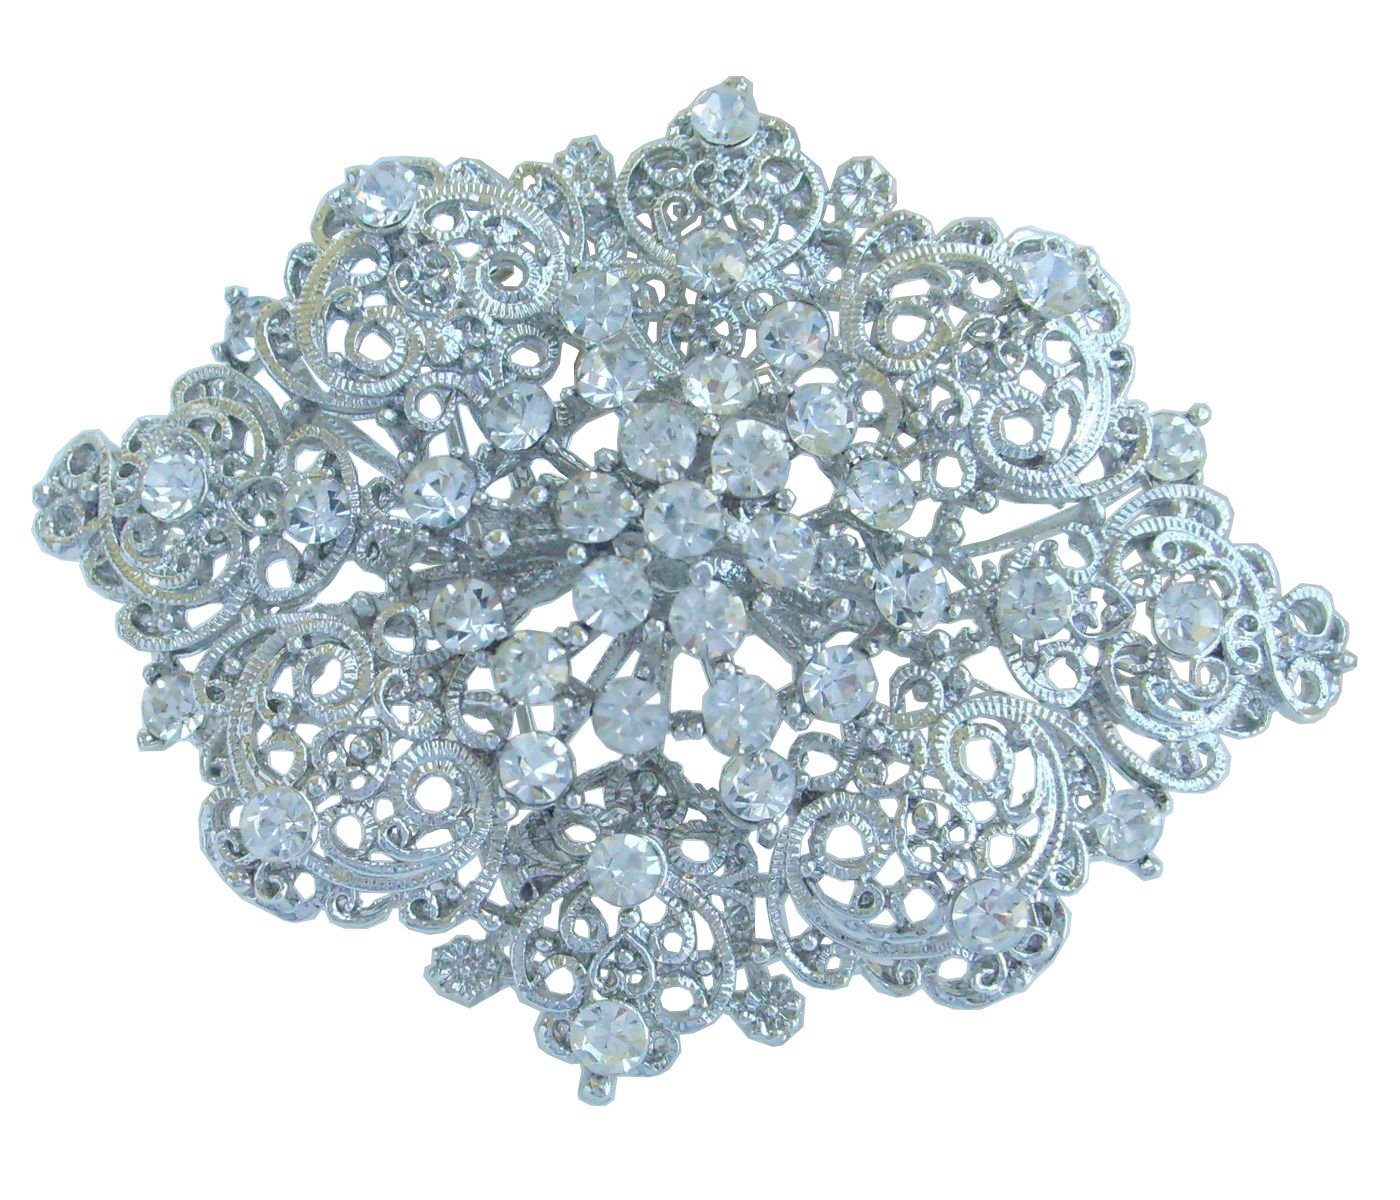 Sindary Elegant 2.75'' Wedding Bridal Flower Brooch Pin Clear Austrian Crystal BZ3768